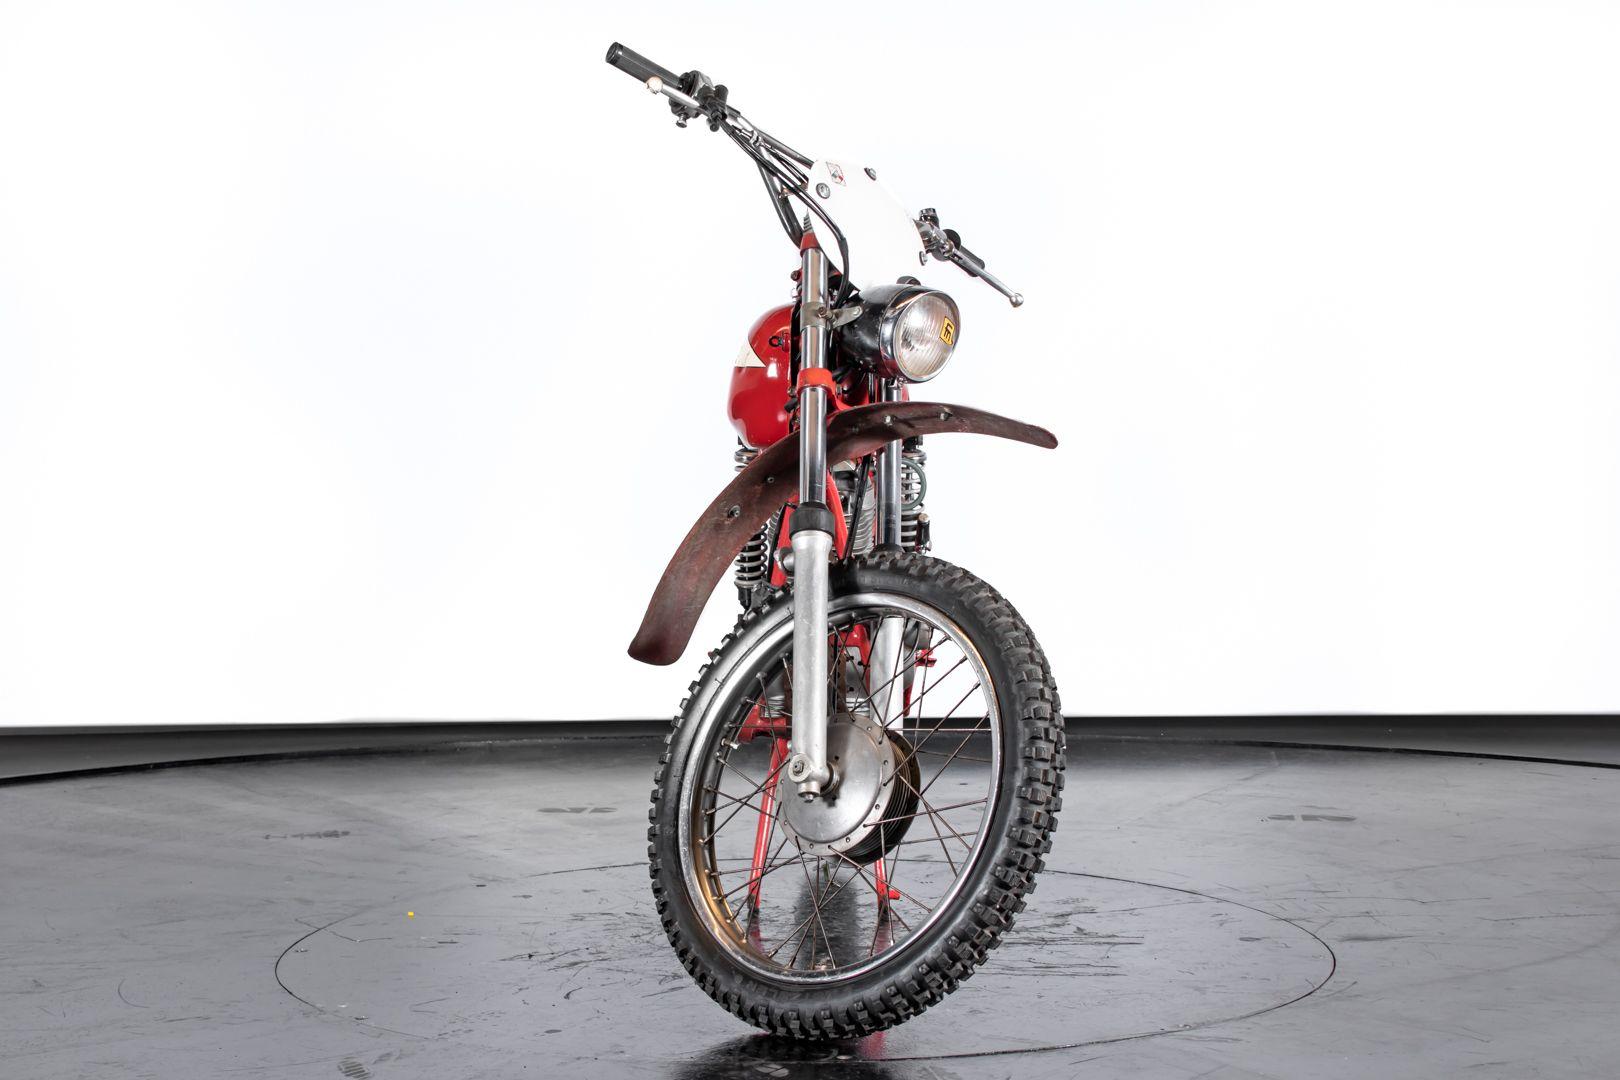 1968 Moto Morini Corsaro Regolarità 150 75919